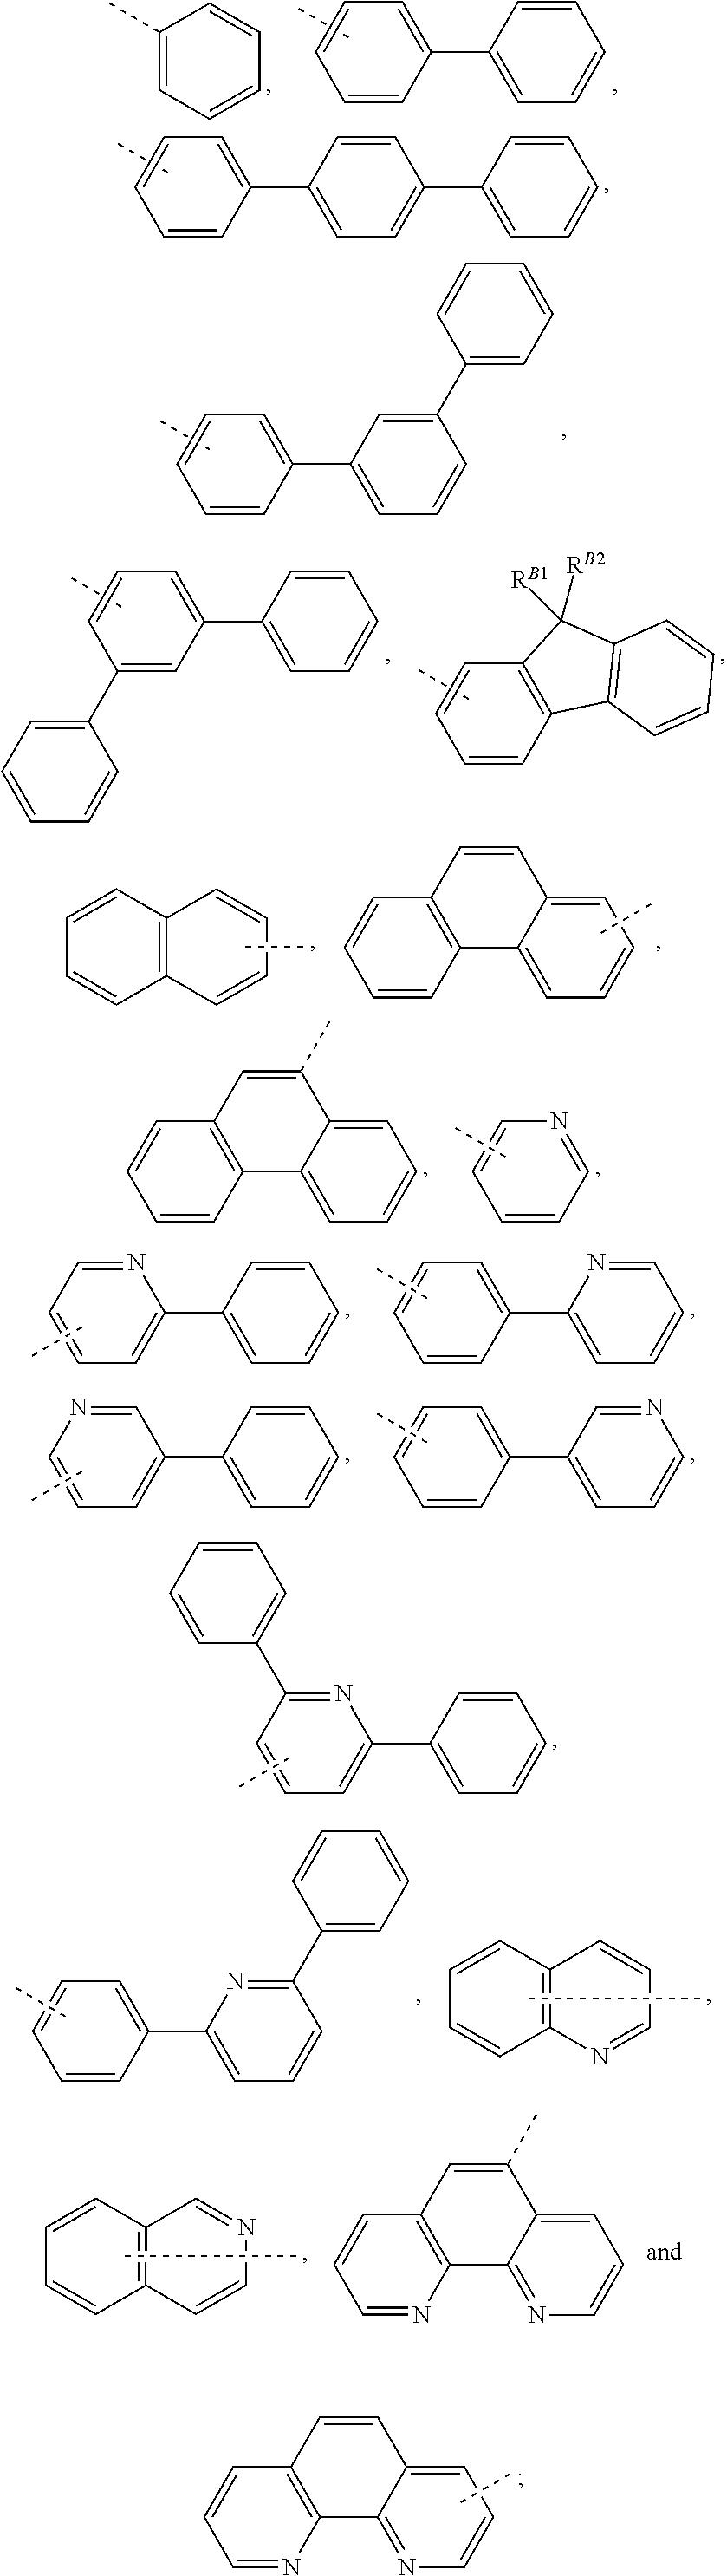 Figure US10297762-20190521-C00384